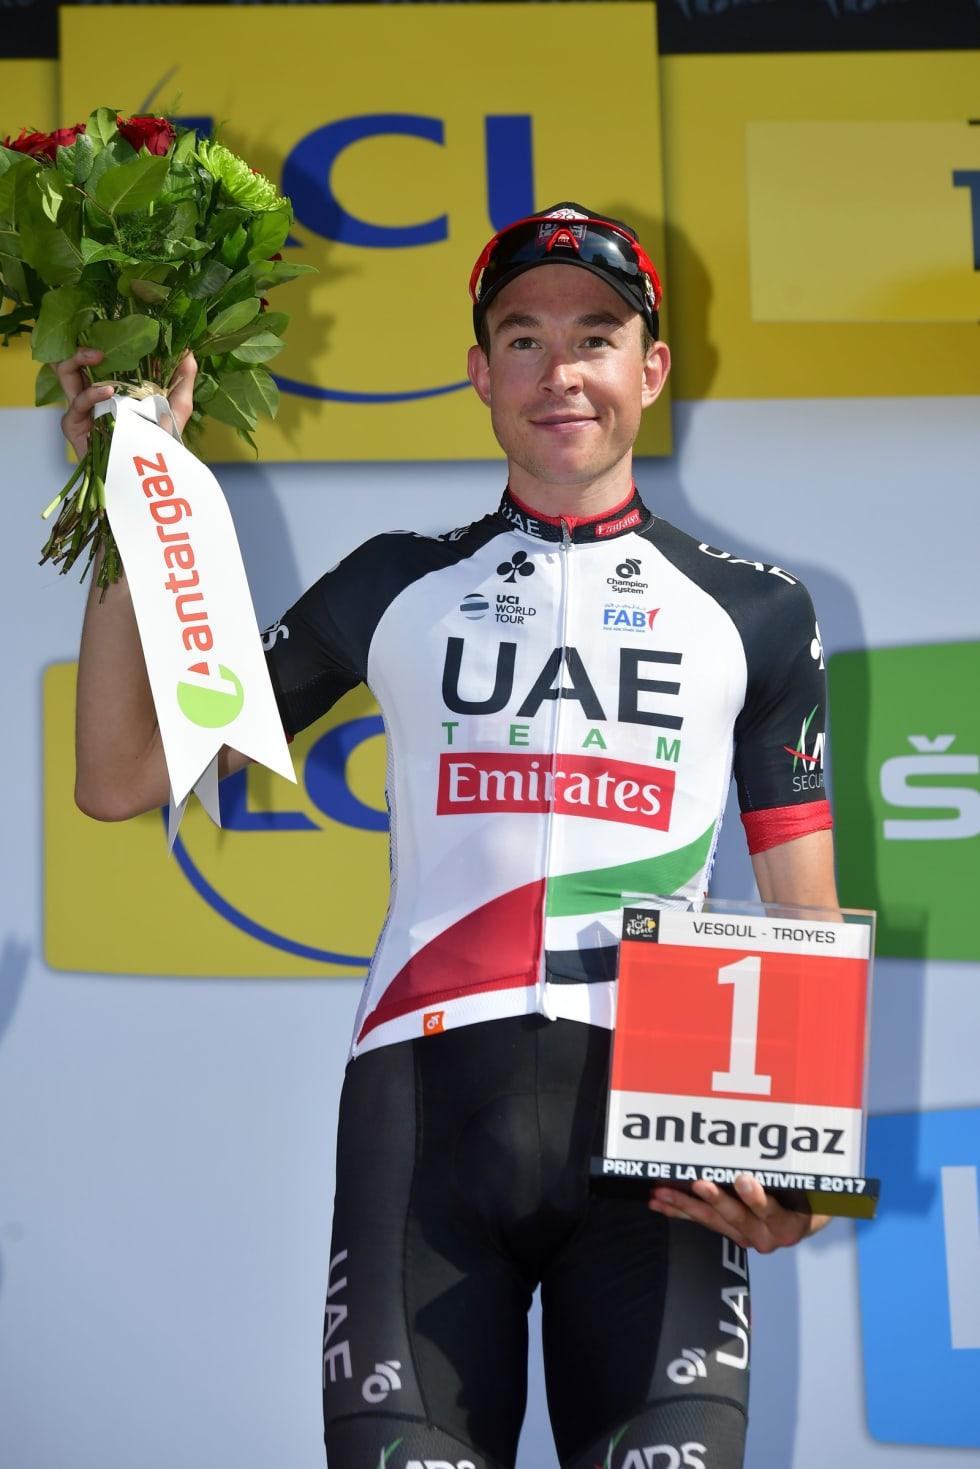 OFFENSIV: Vegard er ikke fremmed for å gå i brudd, her fra den 6. etappe i Tour de France i 2017, da han ble kåret til dagens mest offensive rytter. Foto: Cor Vos.